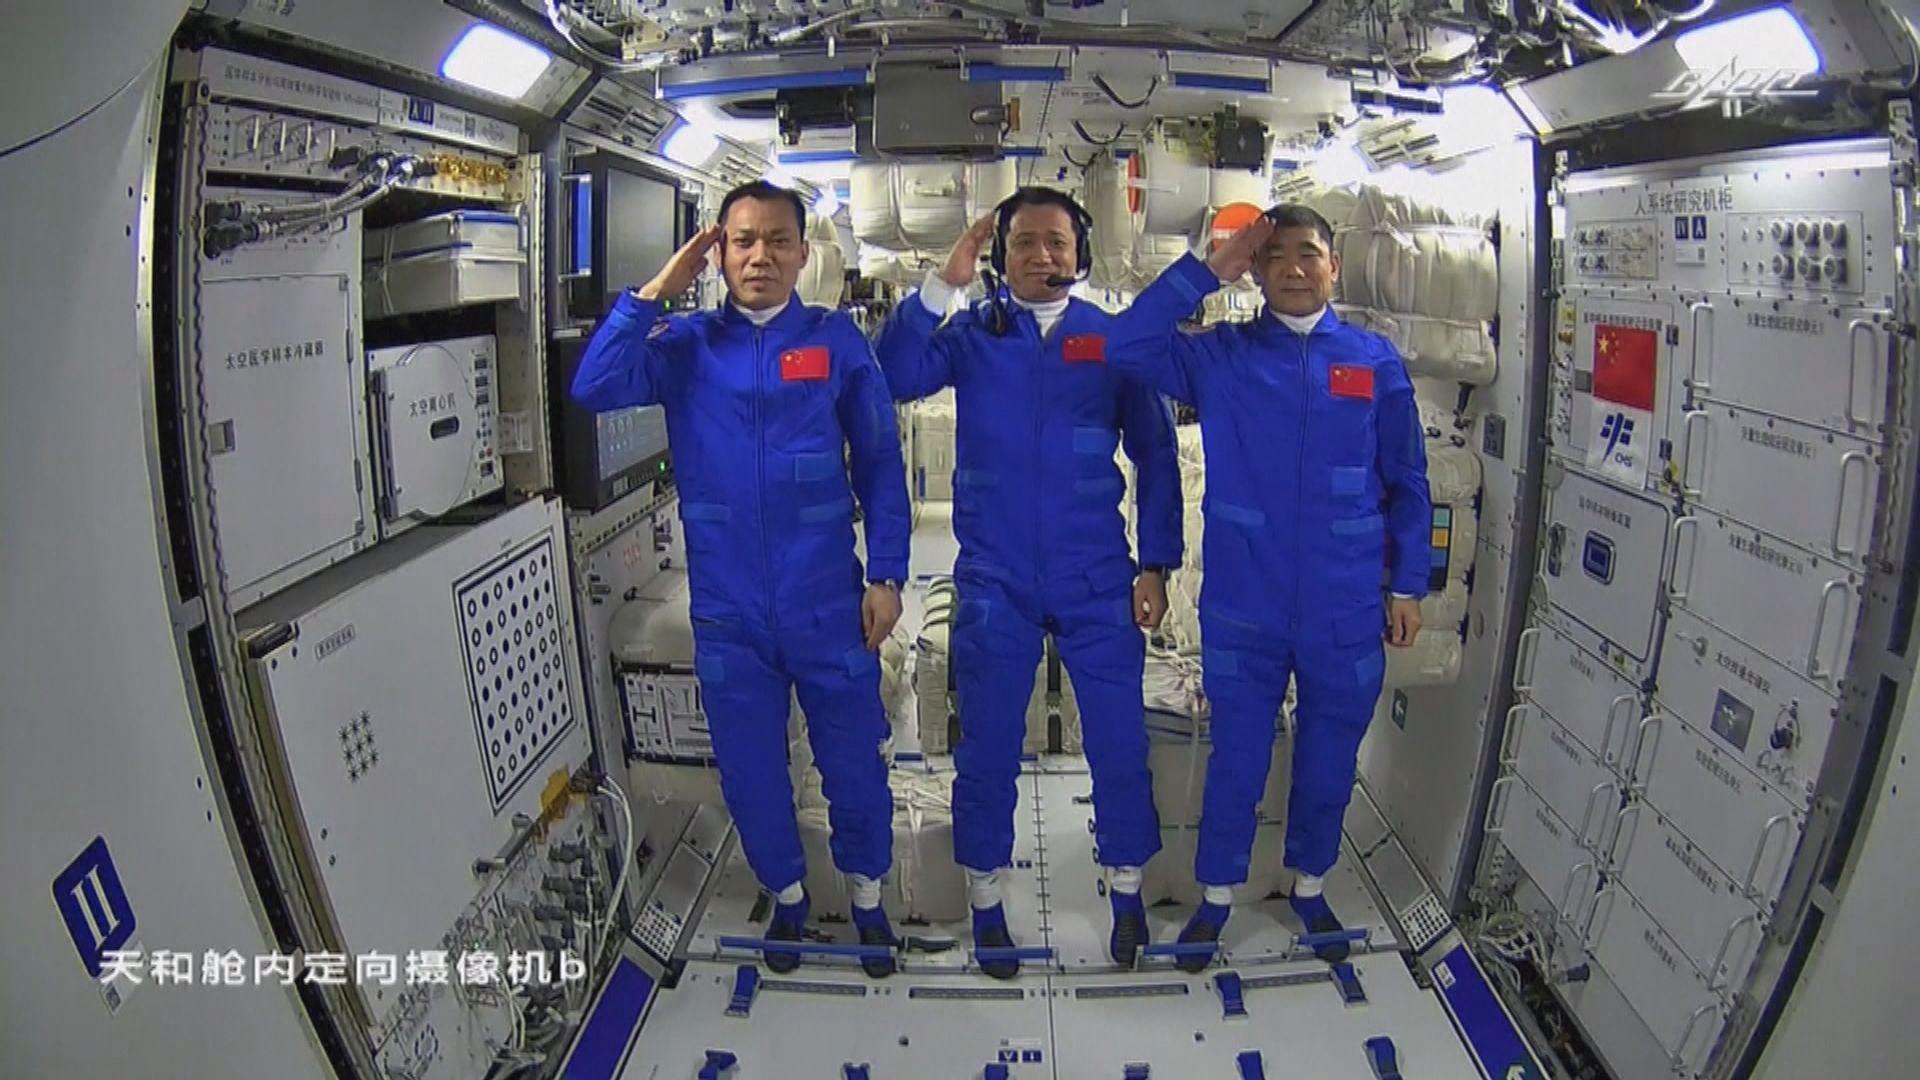 聶海勝等太空人將駐留太空站三個月 展開太空科學實驗